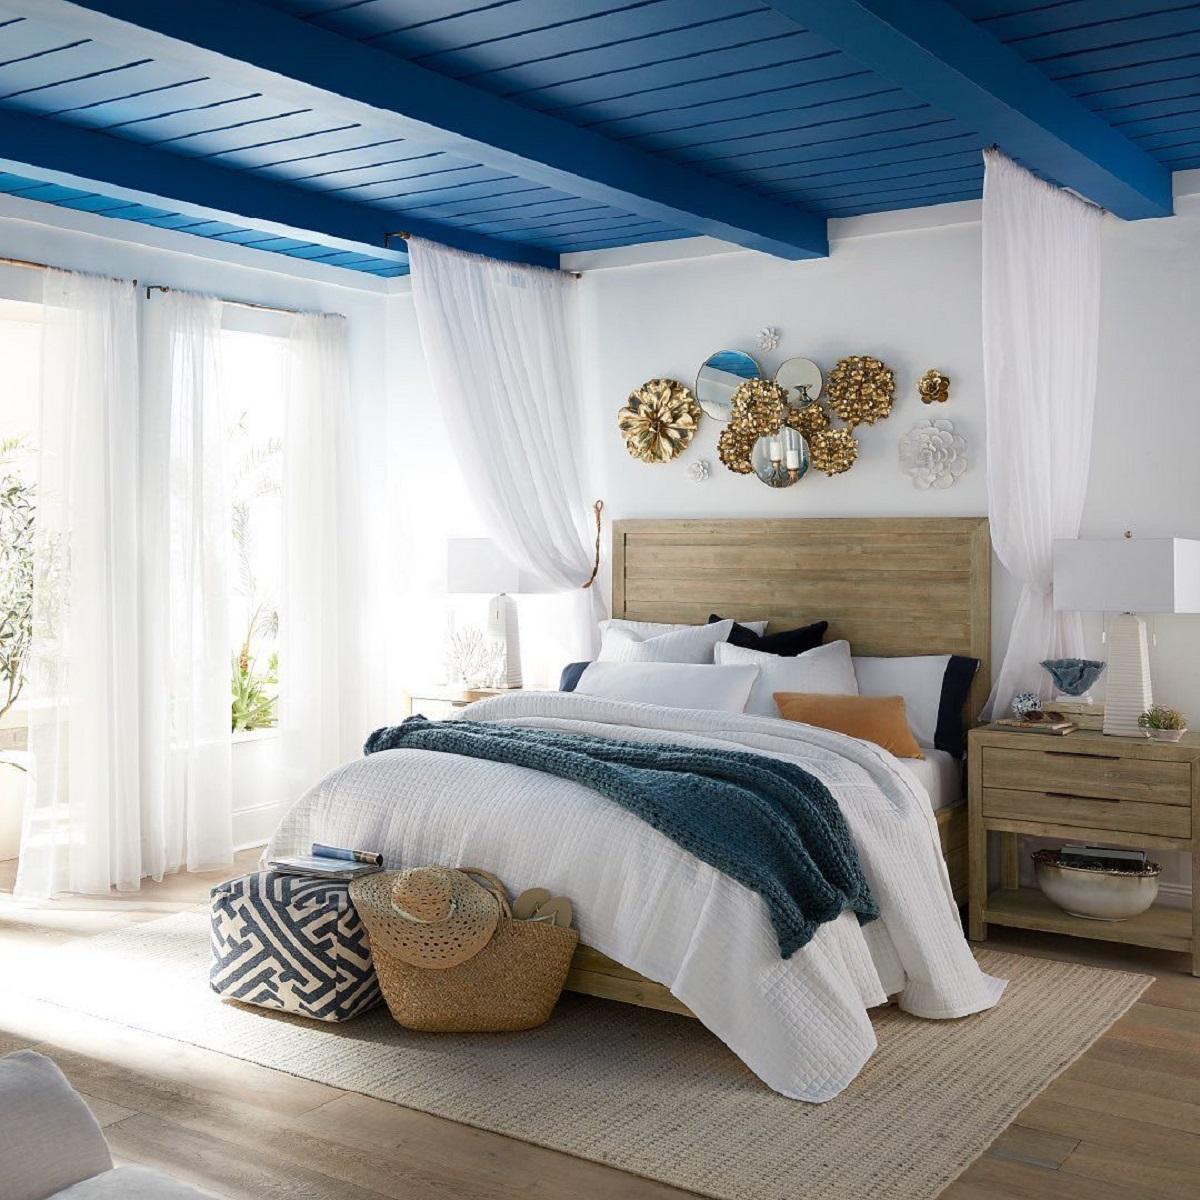 Arredare camera da letto stile mediterraneo: 10 idee e foto